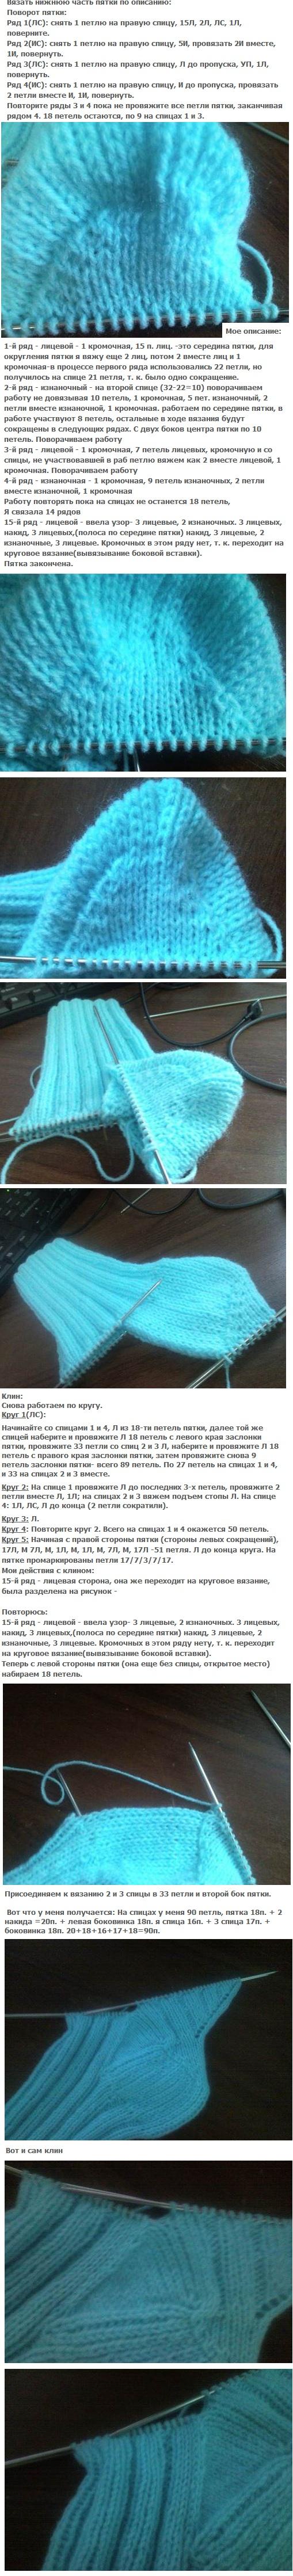 подробное описание вязания носков связанных по косой